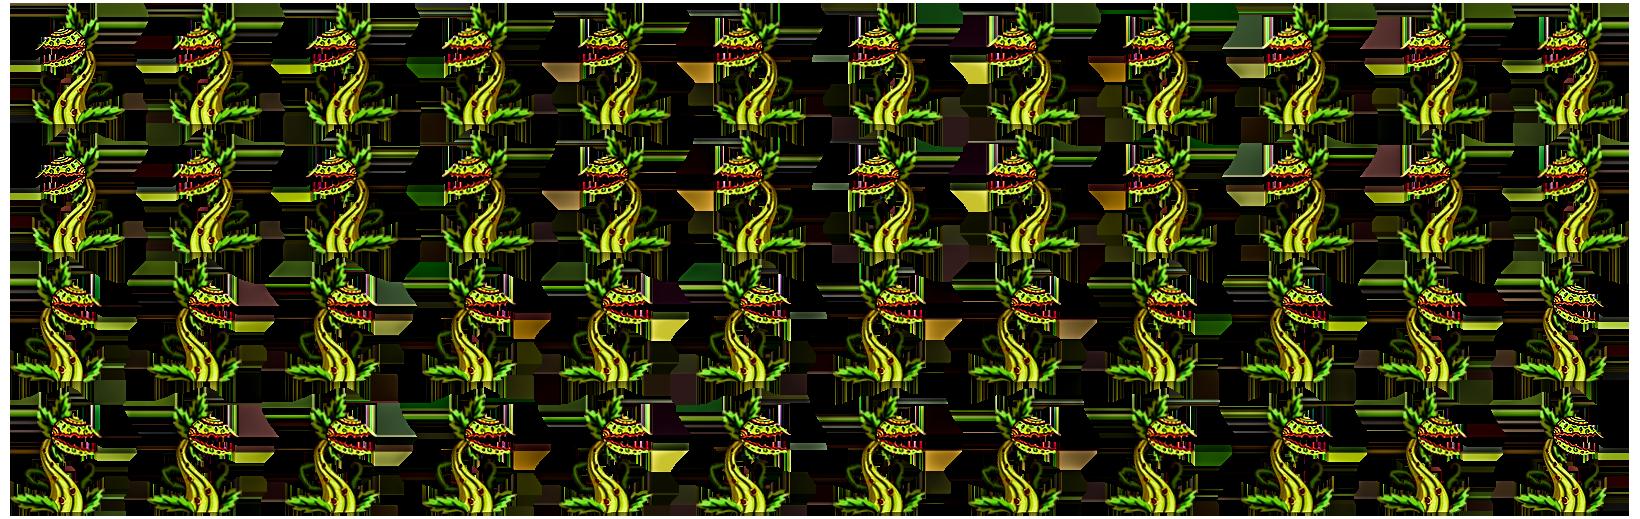 $plante-E1MainHero%(12).png